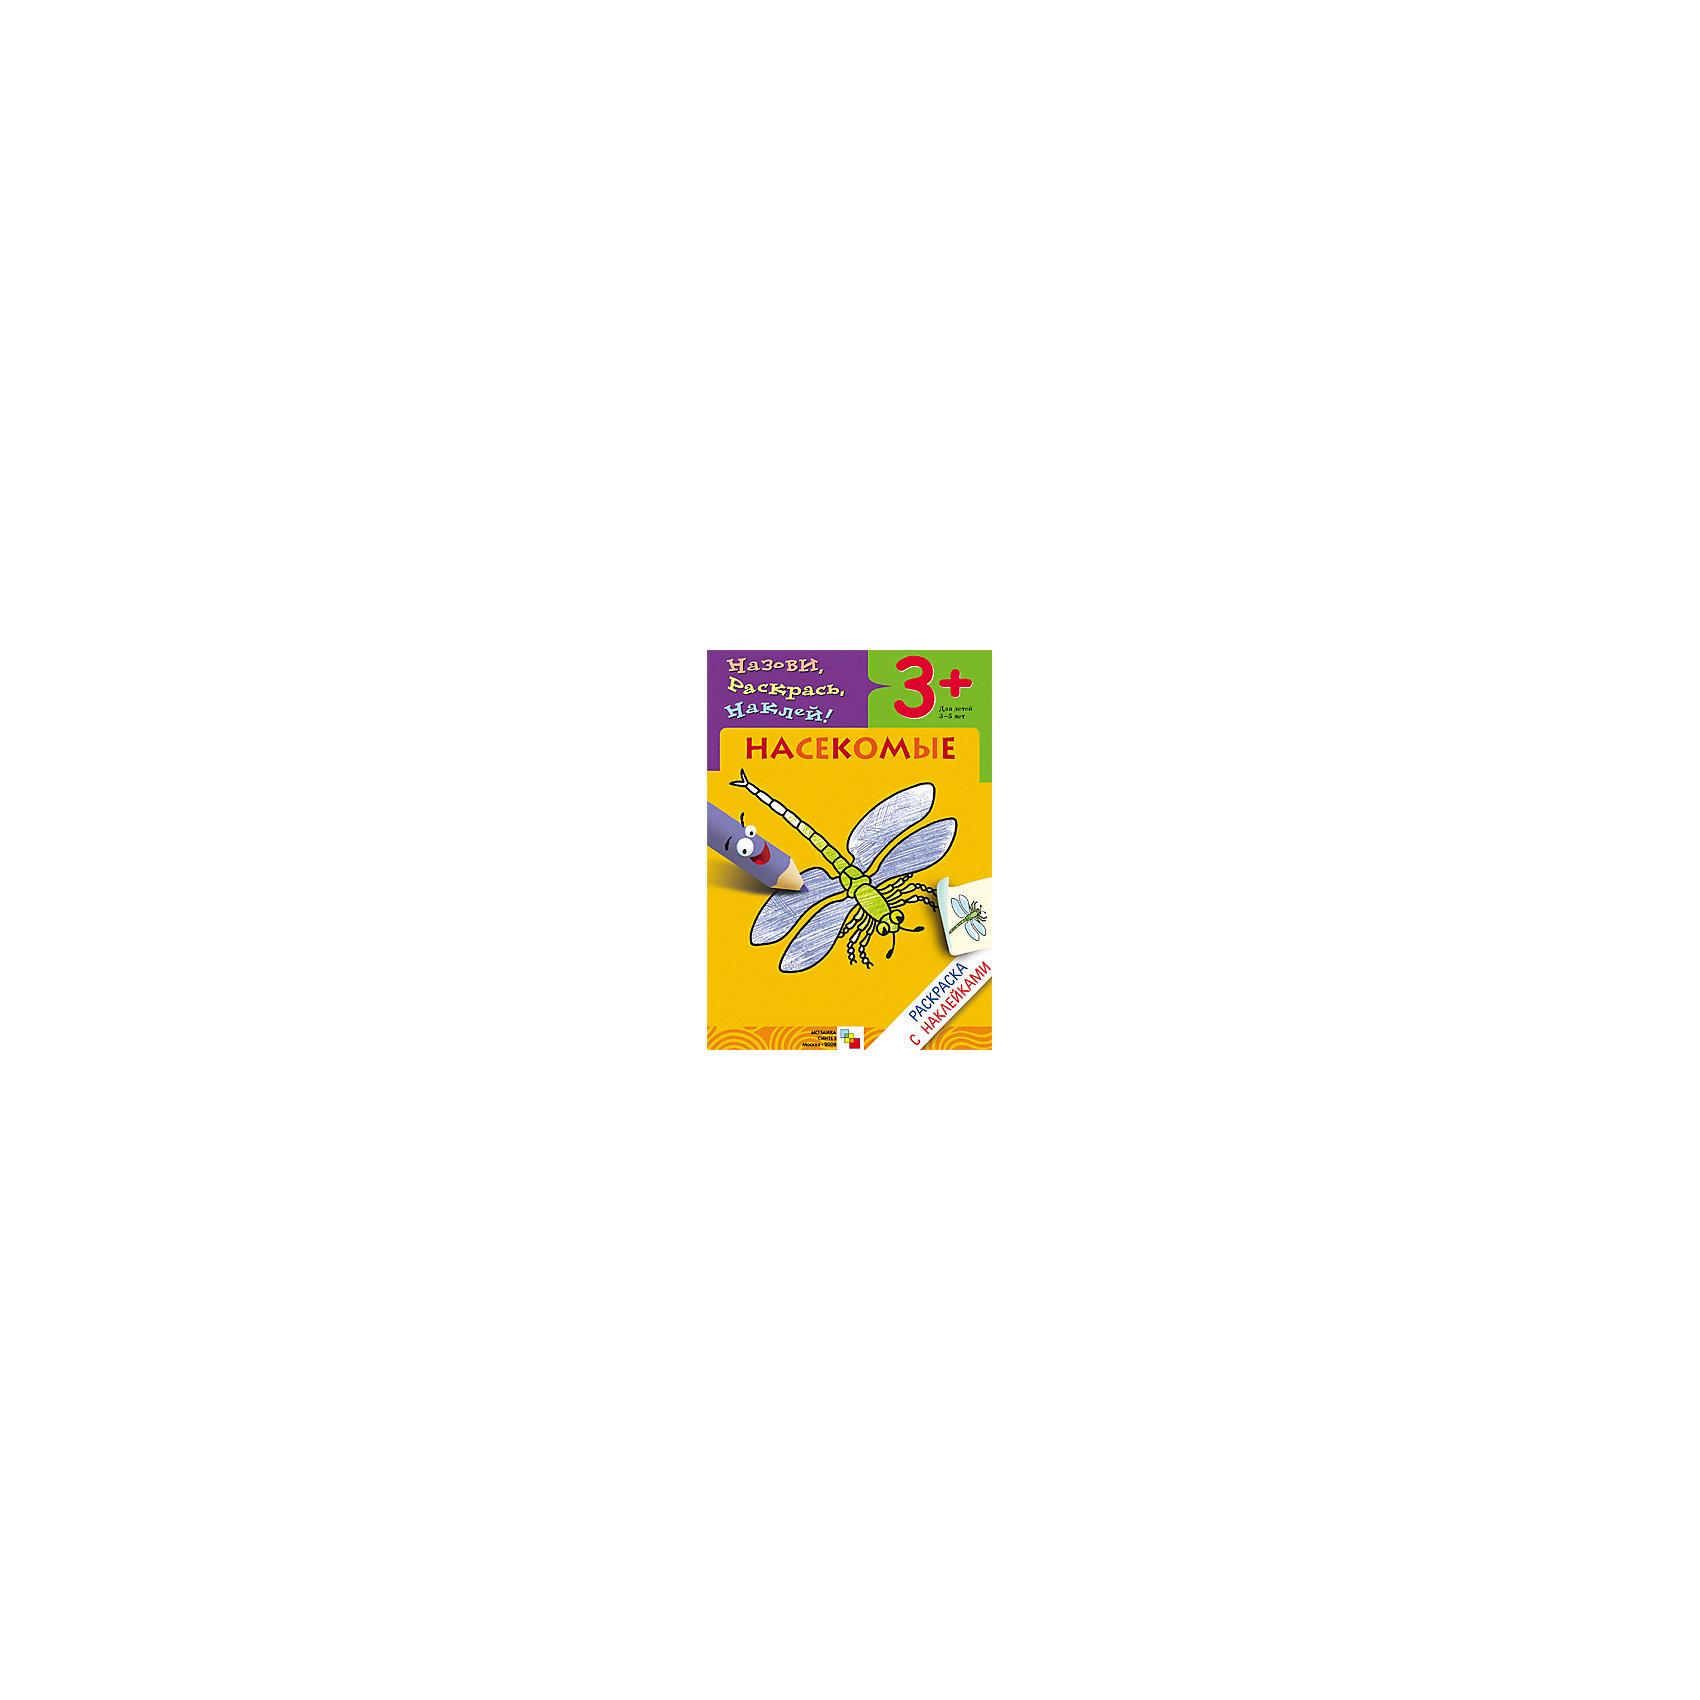 Раскраска с наклейками НасекомыеРаскраска с наклейками.Насекомые<br>Замечательные познавательные раскраски серии Назови, раскрась, наклей! издательства Мозаика-Синтез не оставят равнодушным ни одного малыша!<br>Раскраска Насекомые содержит изображения: светлячок, пчела, стрекоза, кузнечик, бабочка, муха, сороконожка, муравей.<br>Книжки-раскраски этой серии очень удобного формата (размер детской раскраски -17*24 см.), их легко взять с собой на прогулку, в поликлинику, в гости.<br>Яркие красочные наклейки, четкий контур, реалистичность изображения.<br>С помощью раскрасок данной серии малыш узнает много нового и интересного о животных, птицах, растениях и множестве других вещей.<br>Раскраску приятно взять в руки: качественная плотная белая бумага, яркие наклейки.<br>На каждой страничке представлен один предмет.<br> Сверху - небольшое четверостишие о персонаже, рядом - место для наклейки, а под стихотворением - непосредственно раскраска.<br>Сзади - на форзаце книги приведено несколько заданий, которые можно выполнить, используя дополнительные наклейки.<br> Например, приклеить недостающие буквы в слове или же наклейку с тем или иным предметом (животным).<br><br>Ширина мм: 20<br>Глубина мм: 170<br>Высота мм: 240<br>Вес г: 55<br>Возраст от месяцев: 36<br>Возраст до месяцев: 60<br>Пол: Унисекс<br>Возраст: Детский<br>SKU: 5562599